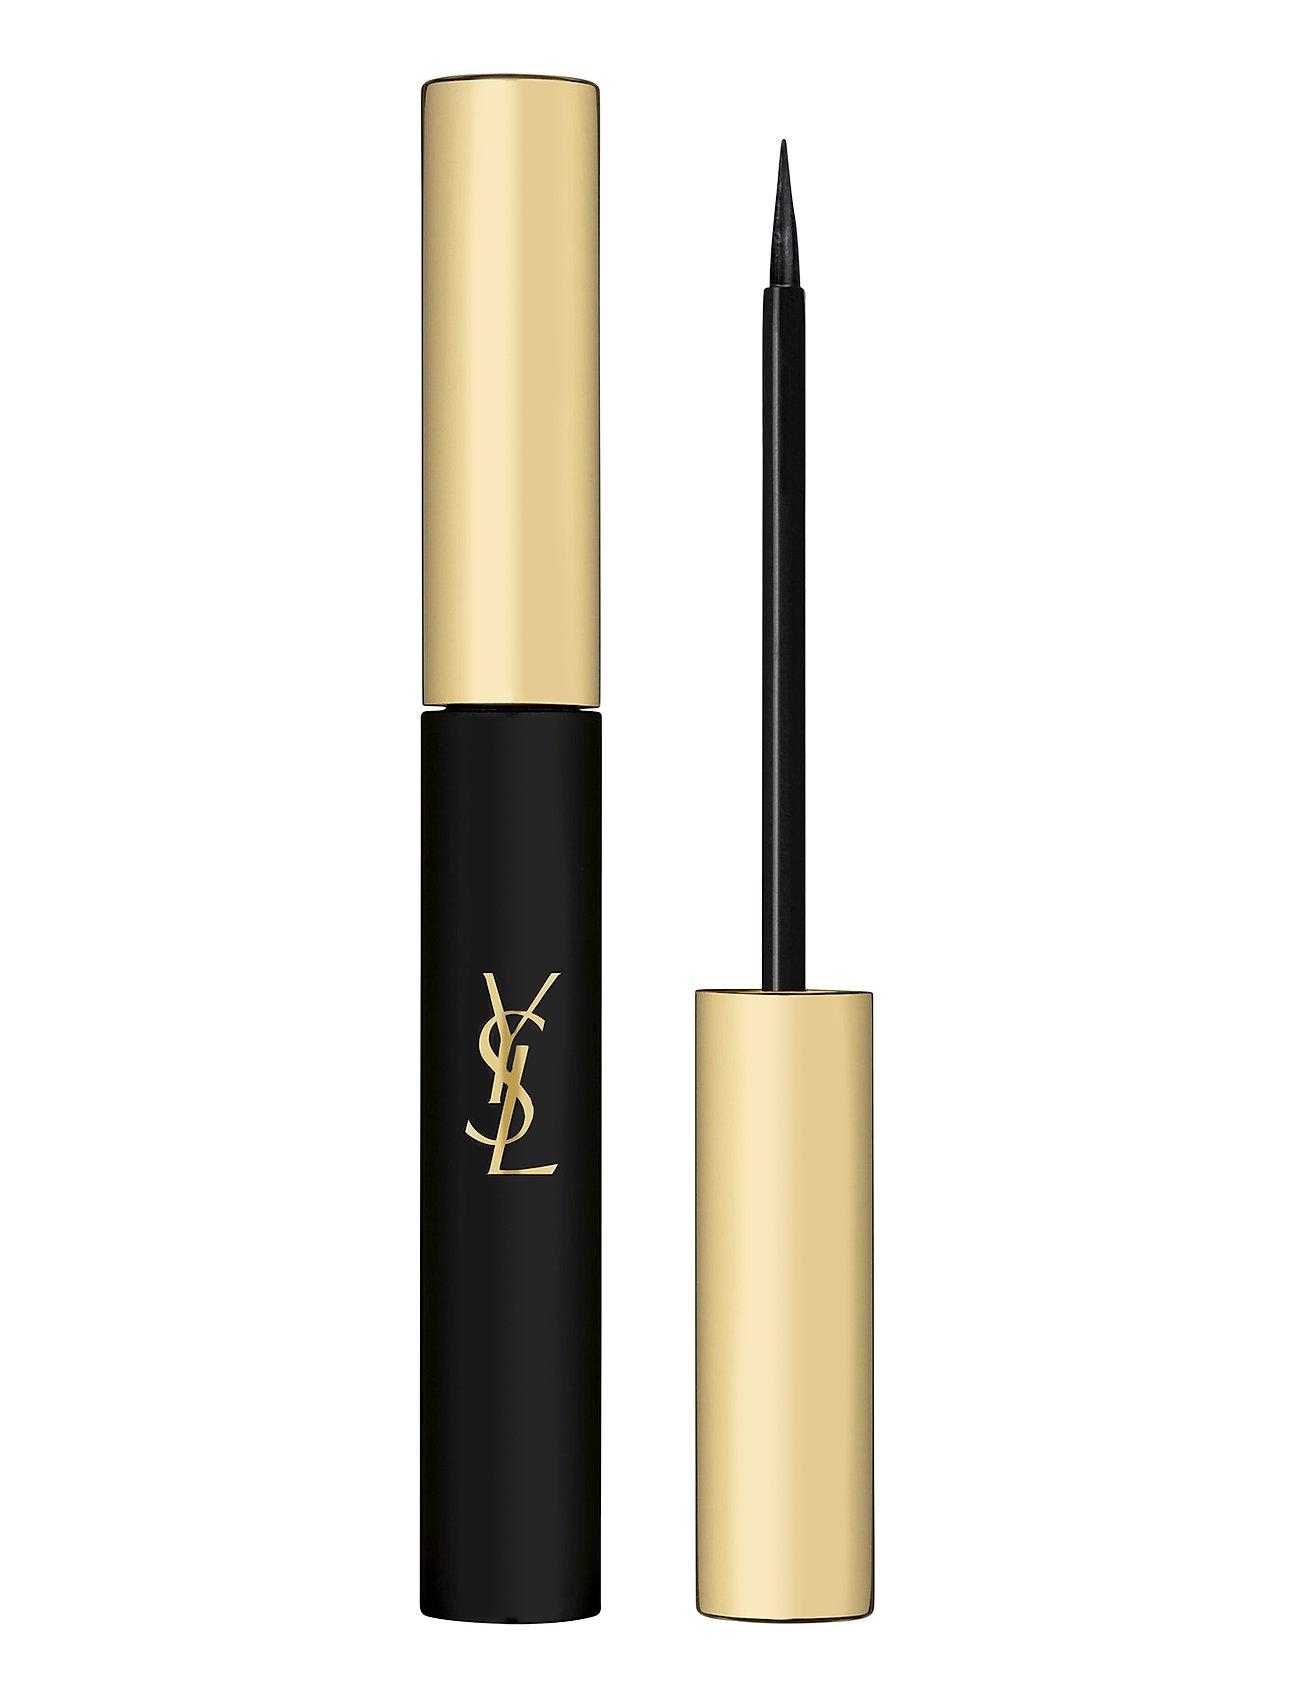 yves saint laurent – Couture eye liner 8 bronze på boozt.com dk